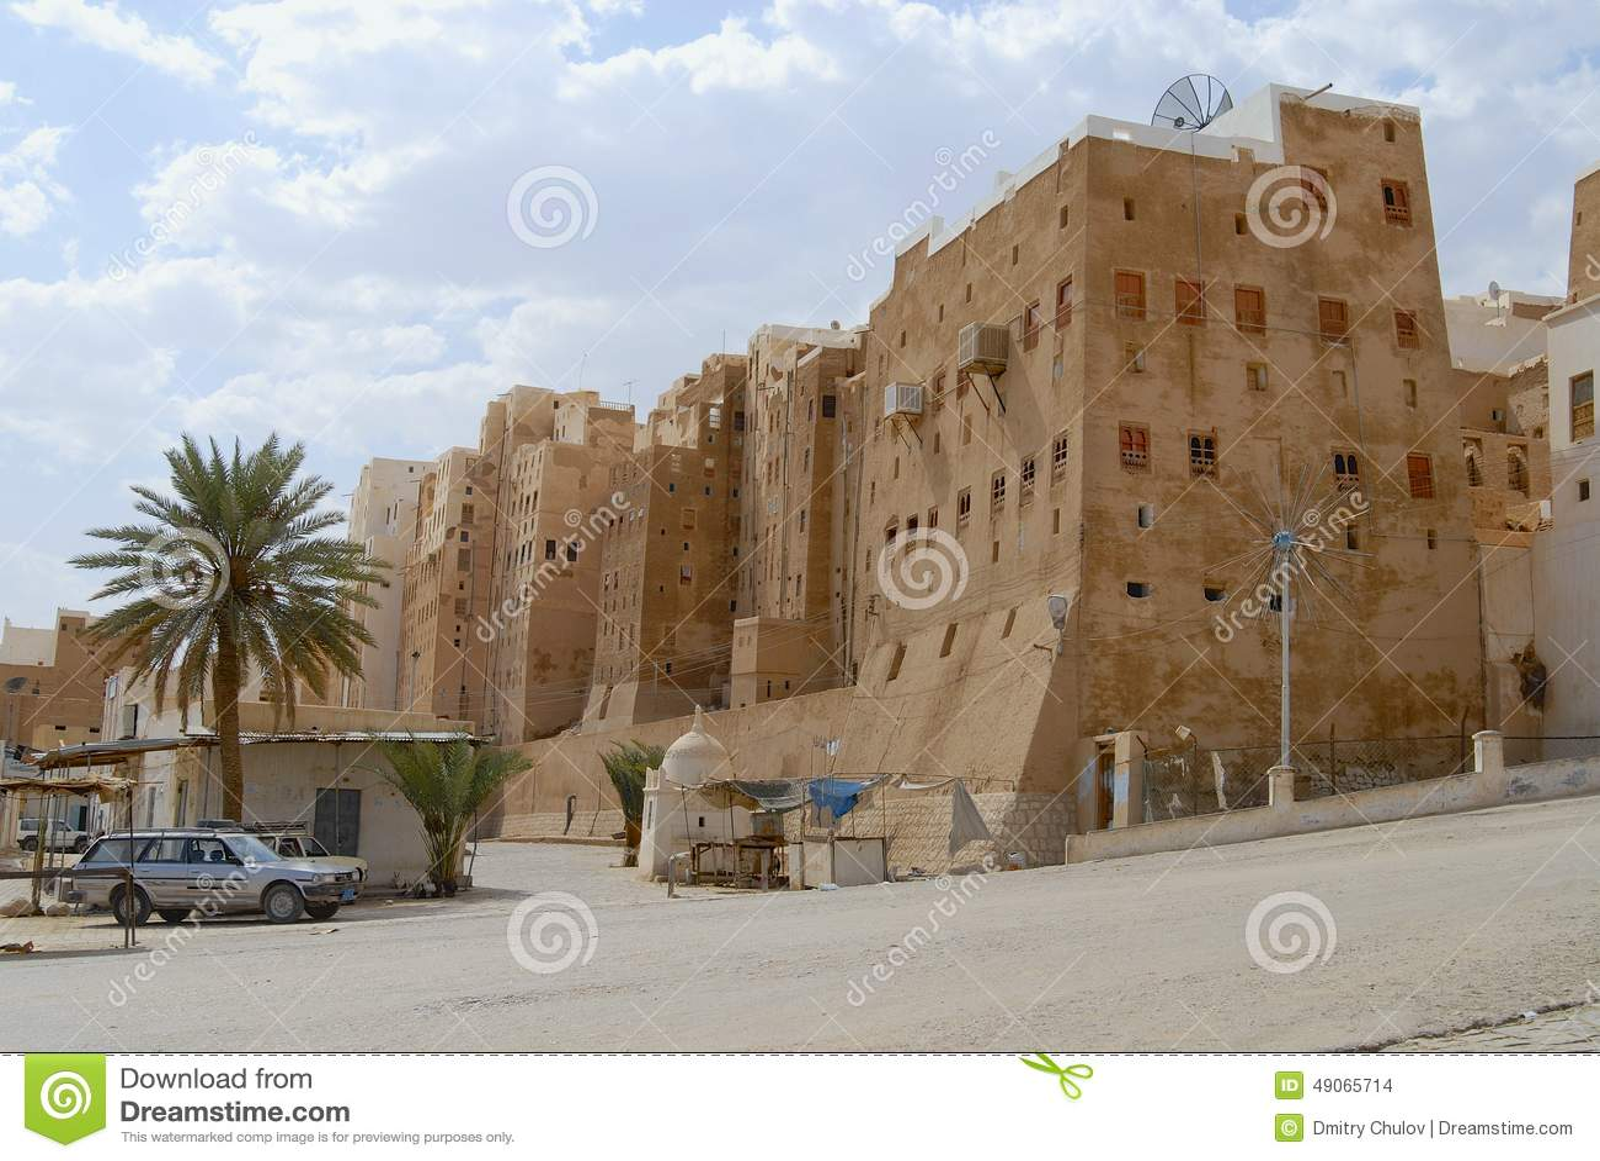 Case Di Mattoni Di Fango : Esterno delle case della torre del mattone del fango della città di